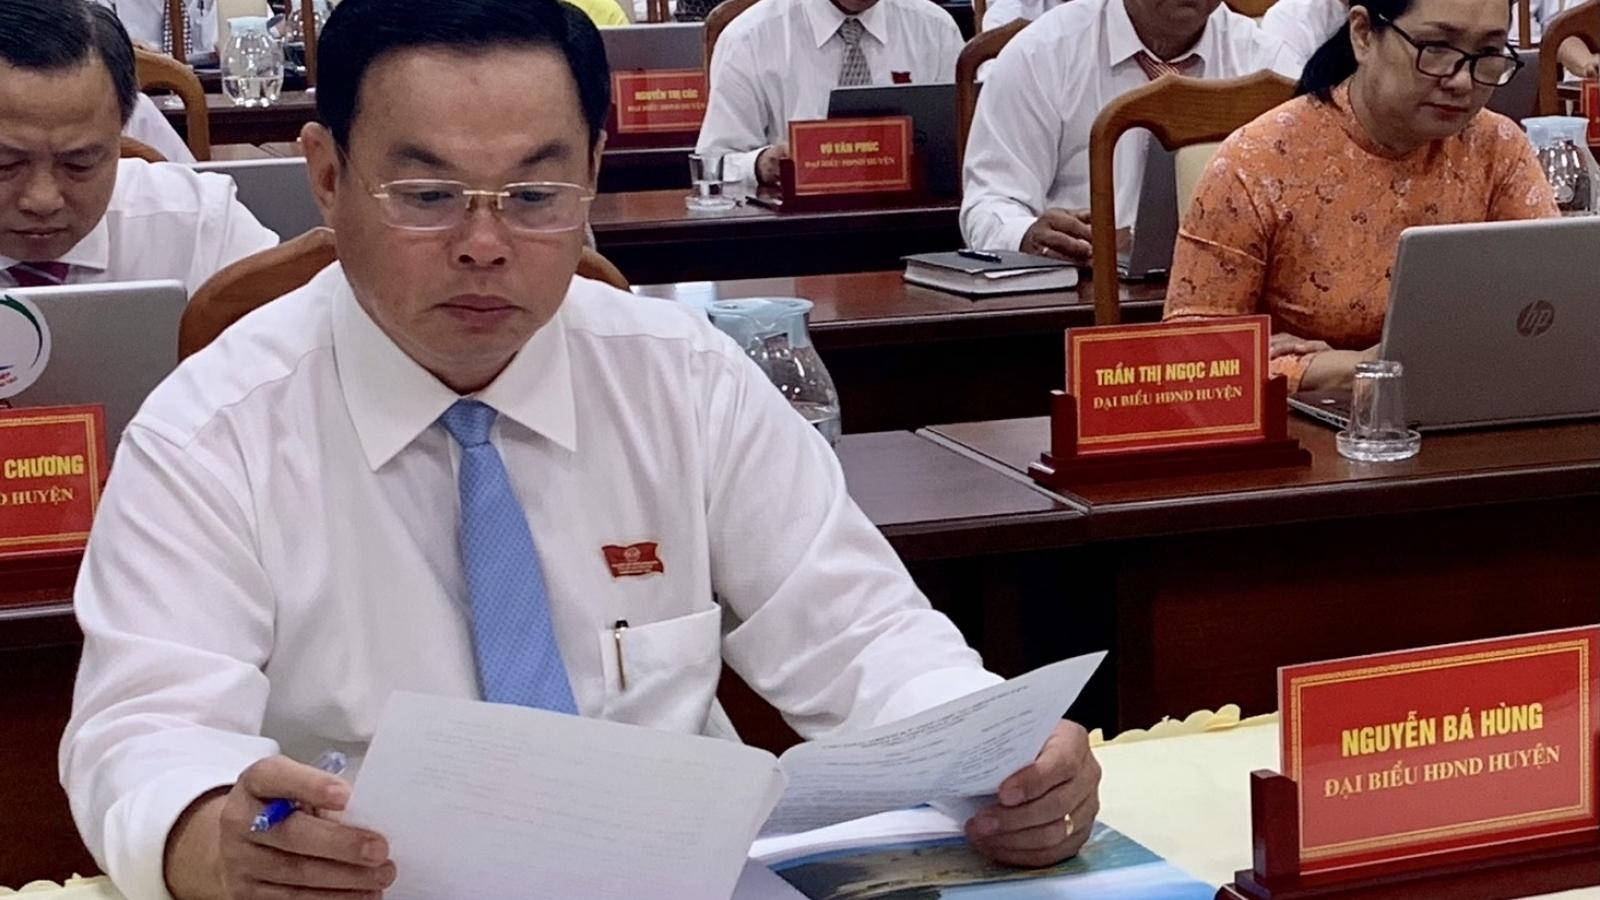 Chủ tịch UBND huyện Long Điền vẫn chưa rút đơn xin nghỉ việc